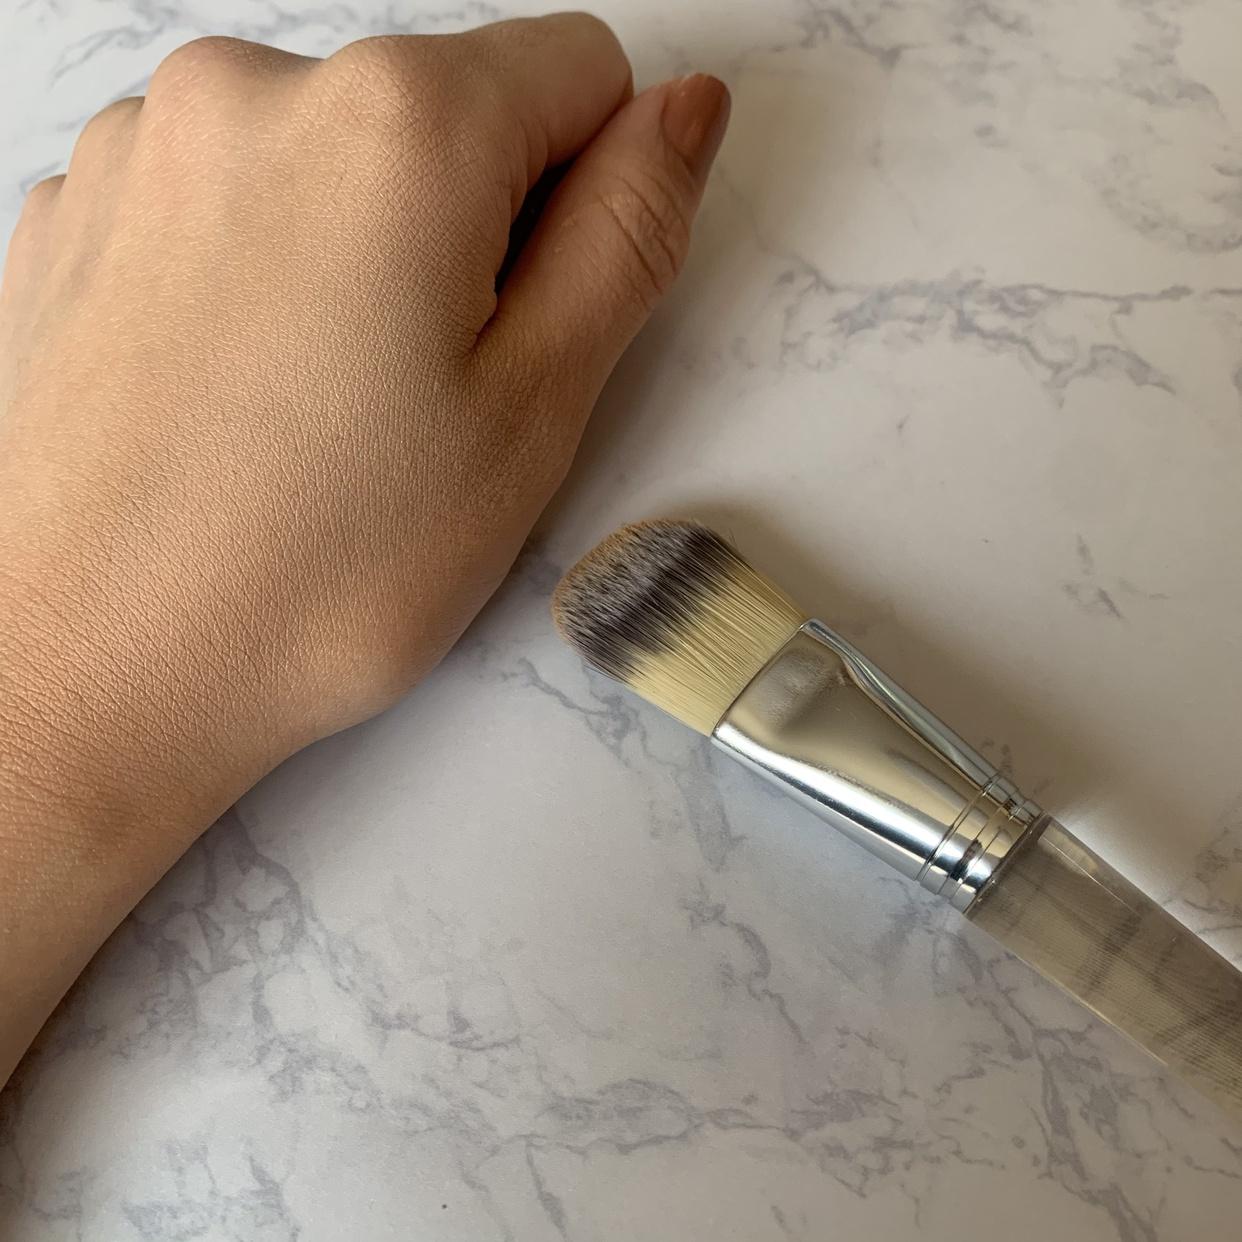 CLINIQUE(クリニーク)ファンデーション ブラシを使ったPASOさんのクチコミ画像1